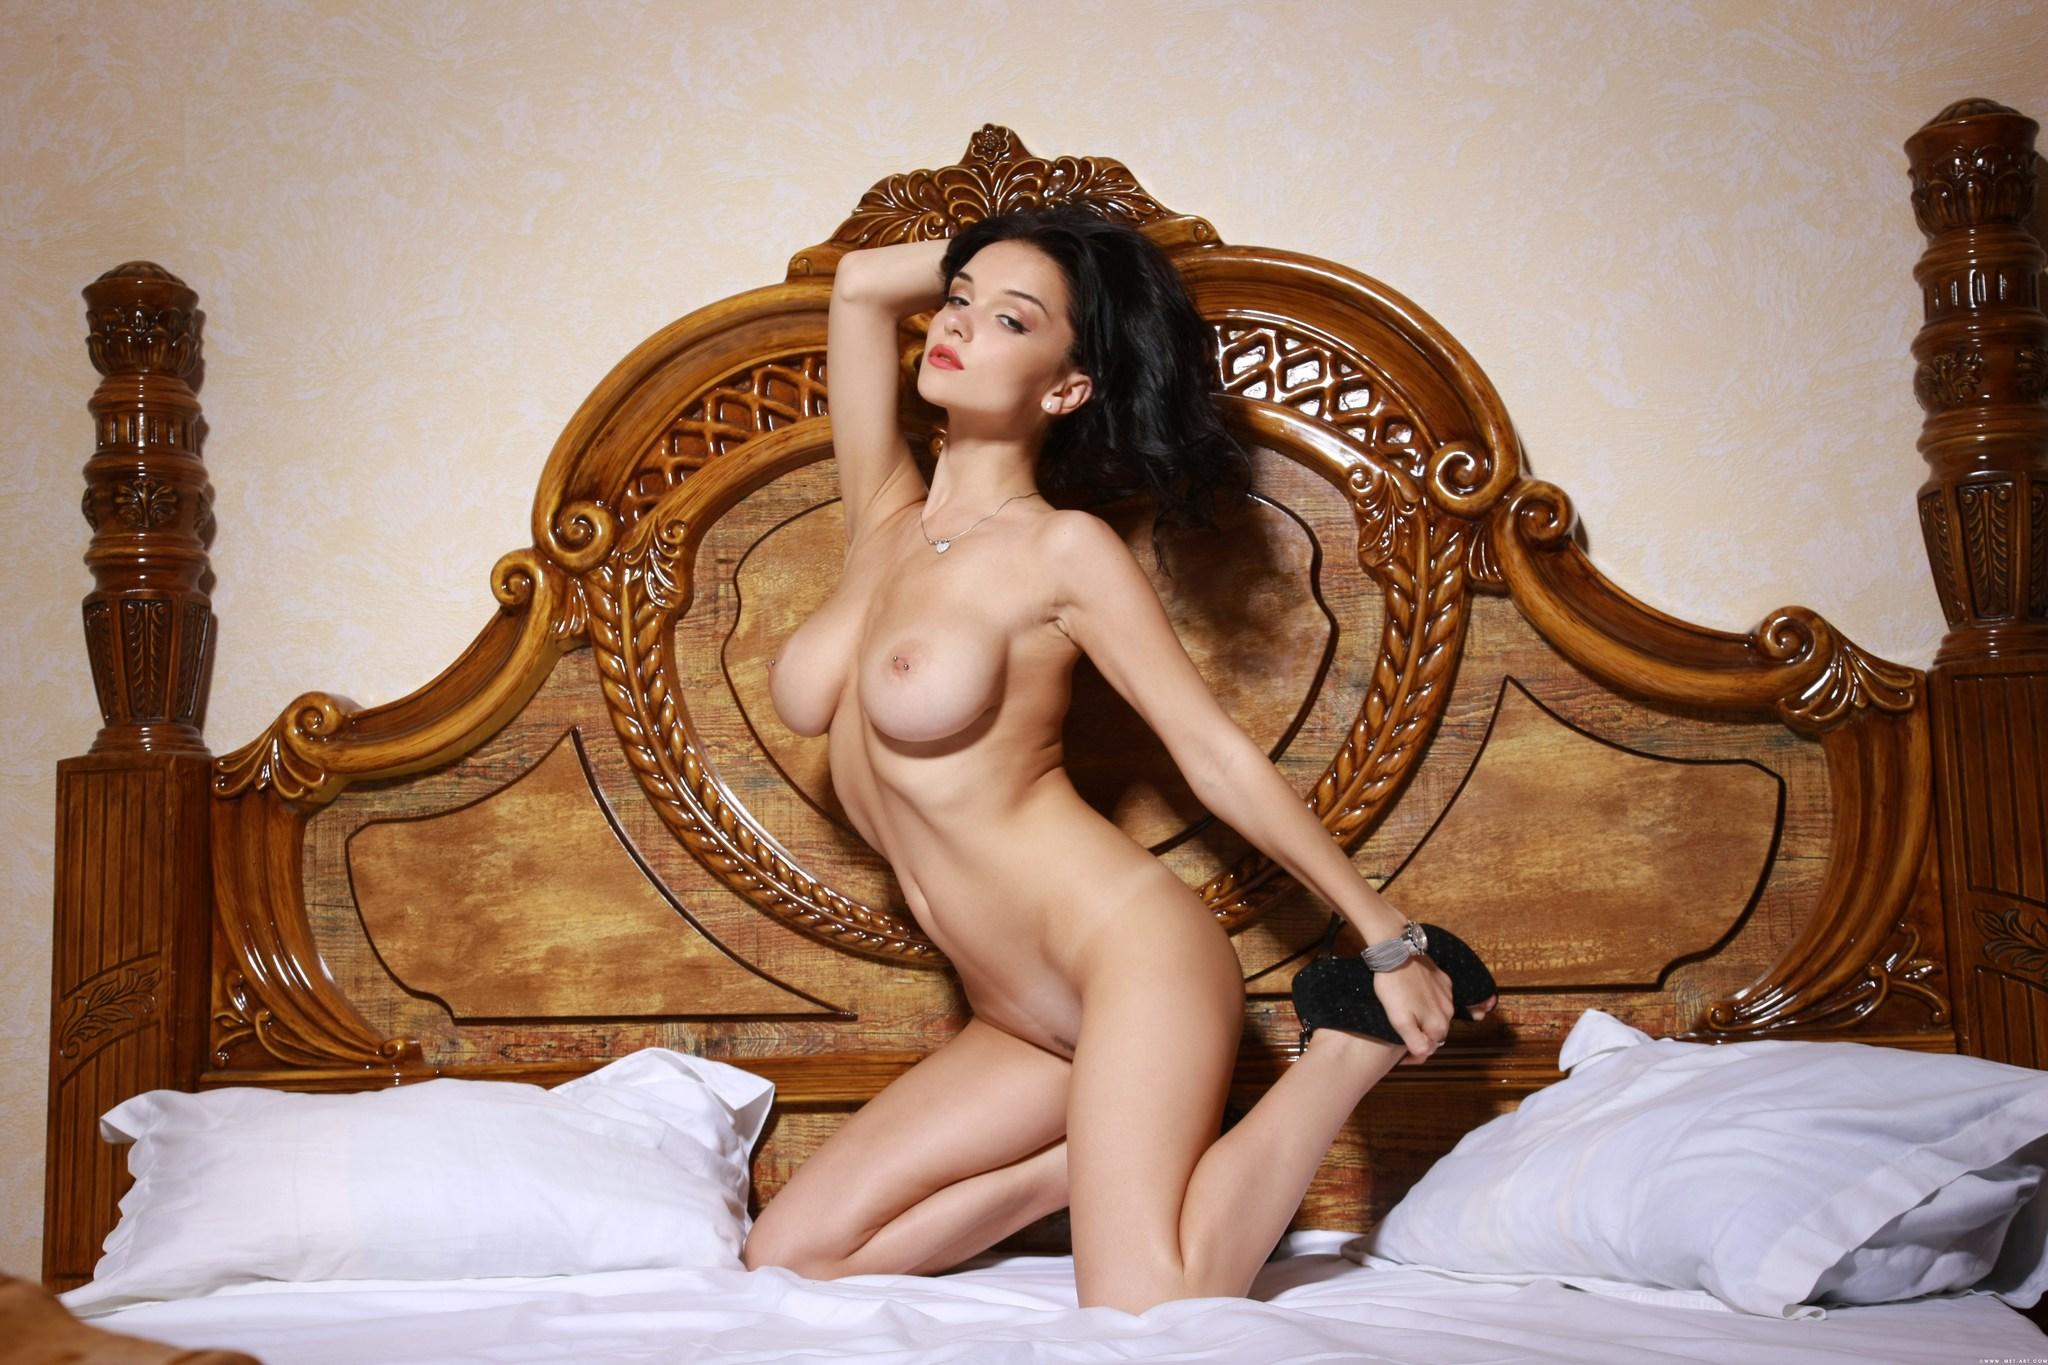 Сперма рот интимные фотографии одной роскошной женщины зрелые